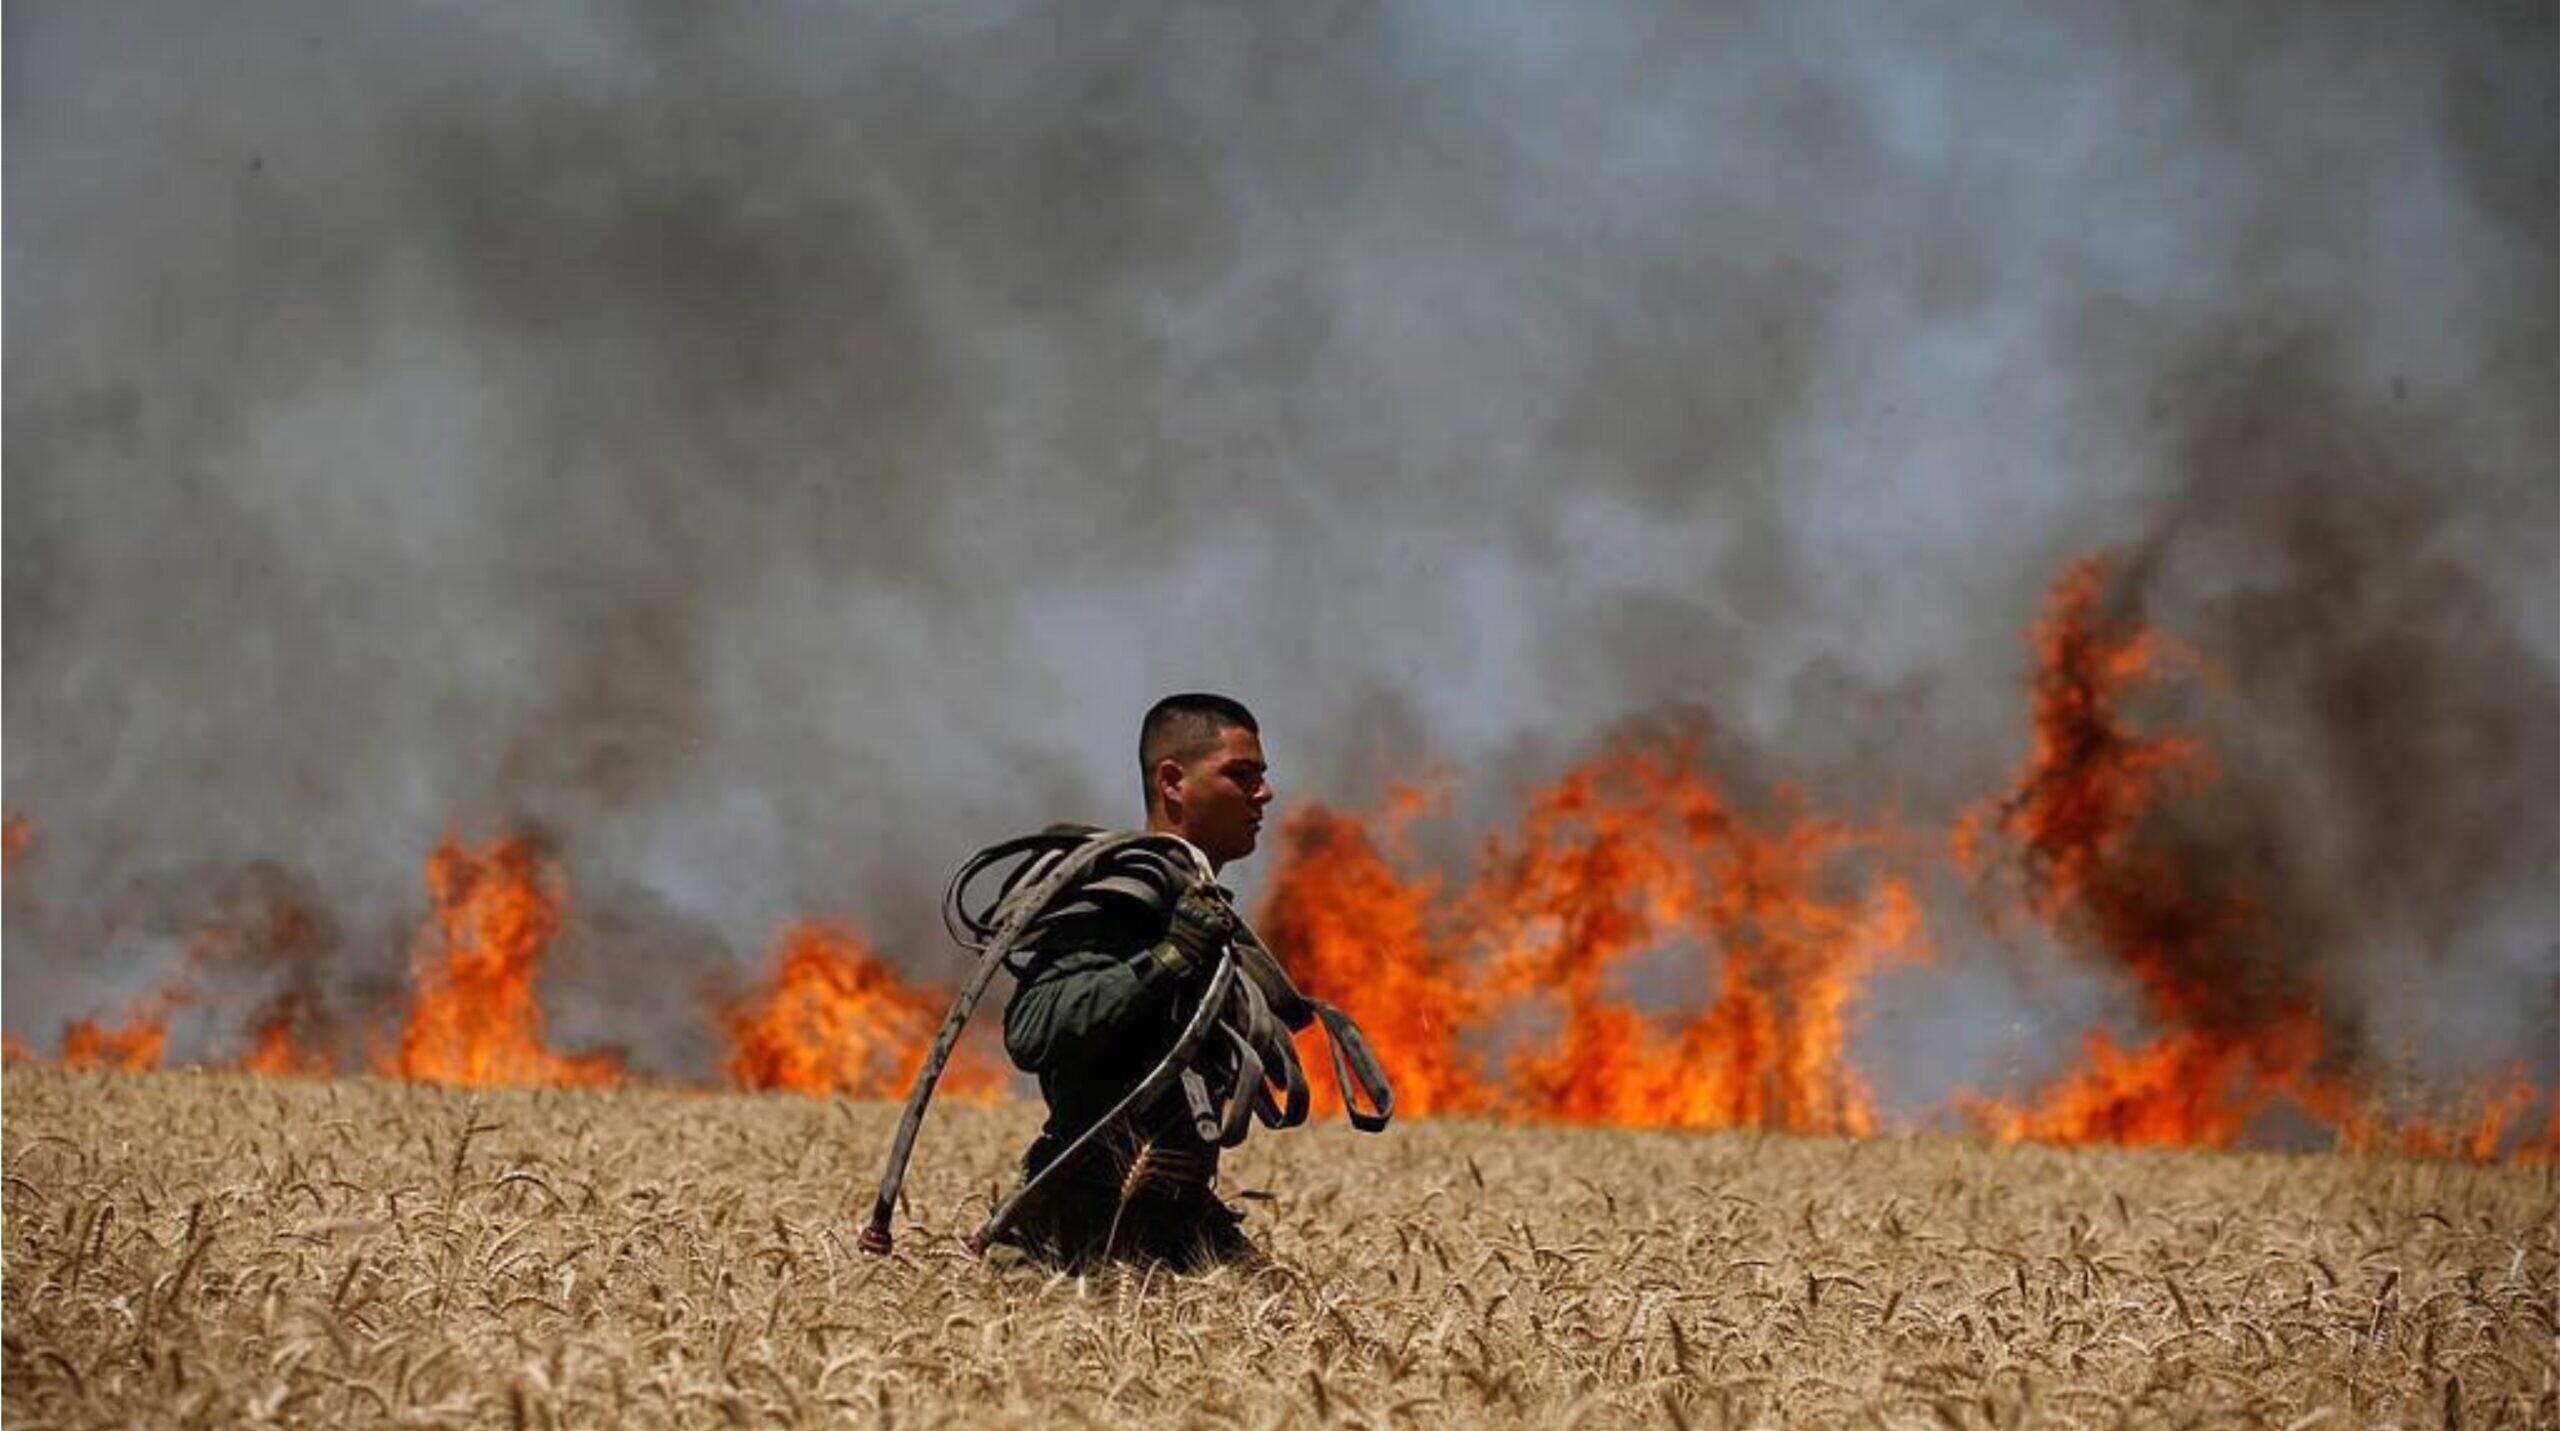 Az izraeli hadsereg légicsapást hajtott végre a Gázai övezetben, válaszul a léggömb terrorra